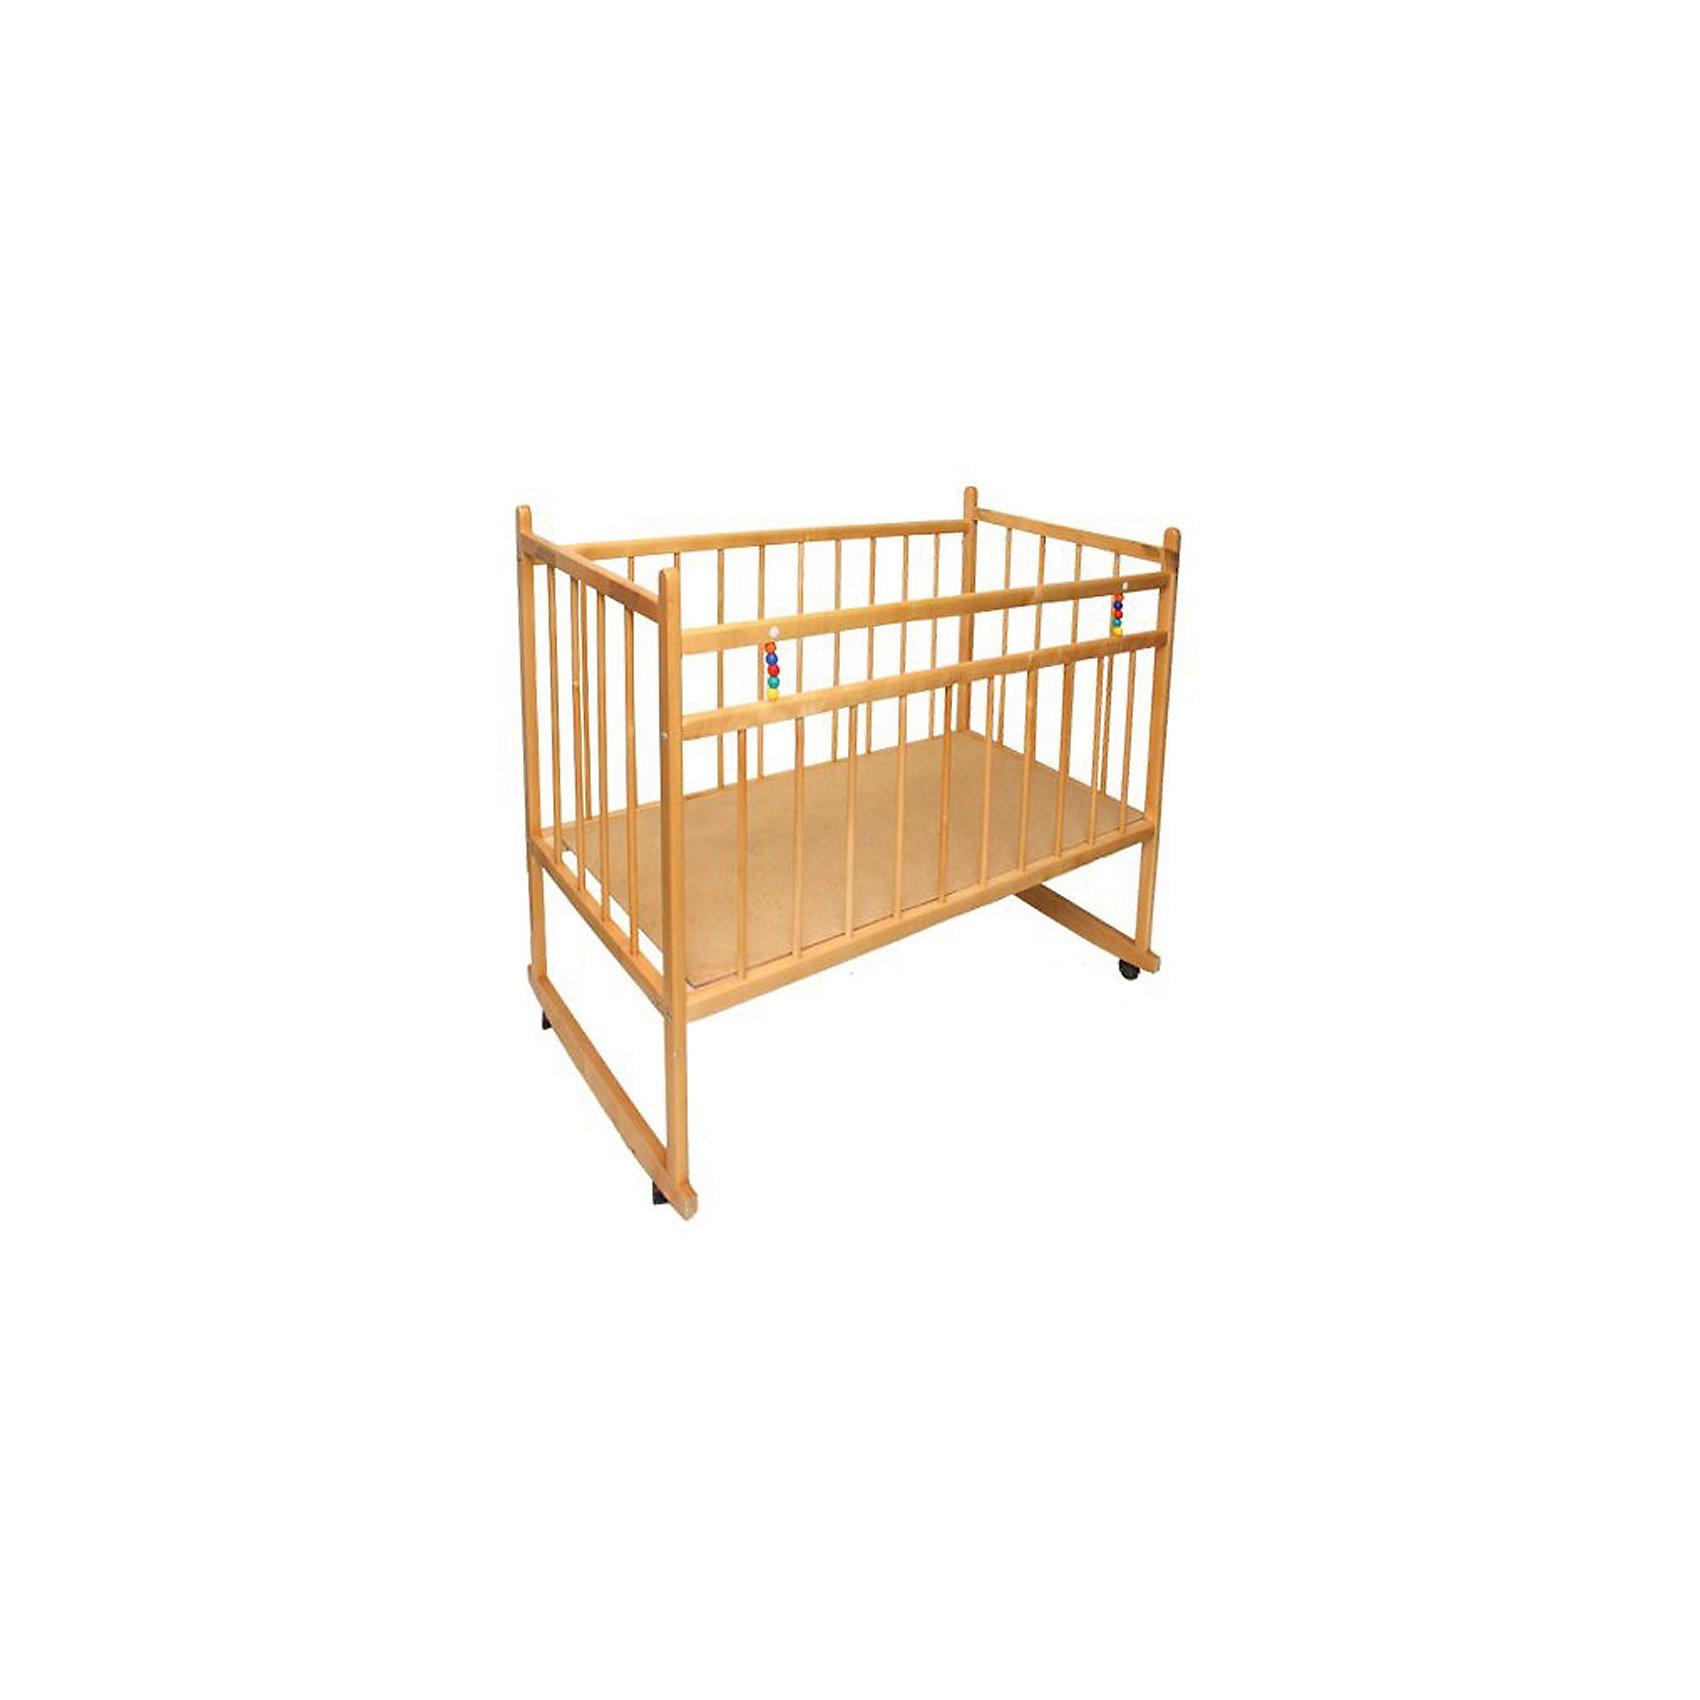 Кроватка-качалка Мишутка 13, светлаяКроватка-качалка Мишутка 13, светлая.<br><br>Характеристики:<br><br>- Размер: 120x60 см.<br>- Материал: массив березы<br>- Покрытие: лак<br>- Цвет: светлый<br>- Вес: 13 кг.<br><br>Детская кроватка «Мишутка 13» предназначена для малышей с рождения до 4-х лет. Кроватка оснащена 4-мя колесиками для перемещения по комнате, есть полозья для качания, которые позволяют использовать кроватку в качестве качалки (при условии демонтажа колесиков). Внутреннее пространство кроватки имеет стандартные размеры, что позволяет без труда подобрать матрас. Высота дна кроватки имеет одно положение. Дно расположено на оптимальной высоте. Ребенок с ростом до 100 см будет себя чувствовать очень комфортно и уютно. Реечные стенки обеспечат безопасность малыша. Они установлены на безопасном расстоянии друг от друга, так, что ребенок не сможет застрять или просунуть голову. У кроватки отсутствуют острые углы, что уменьшает риск получения травмы. С помощью металлического подъемника с кнопкой планка на передней стенке опускается, что обеспечивает удобный доступ к малышу. Передняя стенка не снимается. Кроватка «Мишутка 13» выполнена из массива березы, покрыта абсолютно нетоксичным и безопасным для здоровья малышей лаком.<br><br>Кроватку-качалку Мишутка 13, светлую можно купить в нашем интернет-магазине.<br><br>Ширина мм: 1215<br>Глубина мм: 690<br>Высота мм: 135<br>Вес г: 13600<br>Возраст от месяцев: 0<br>Возраст до месяцев: 36<br>Пол: Унисекс<br>Возраст: Детский<br>SKU: 5228800